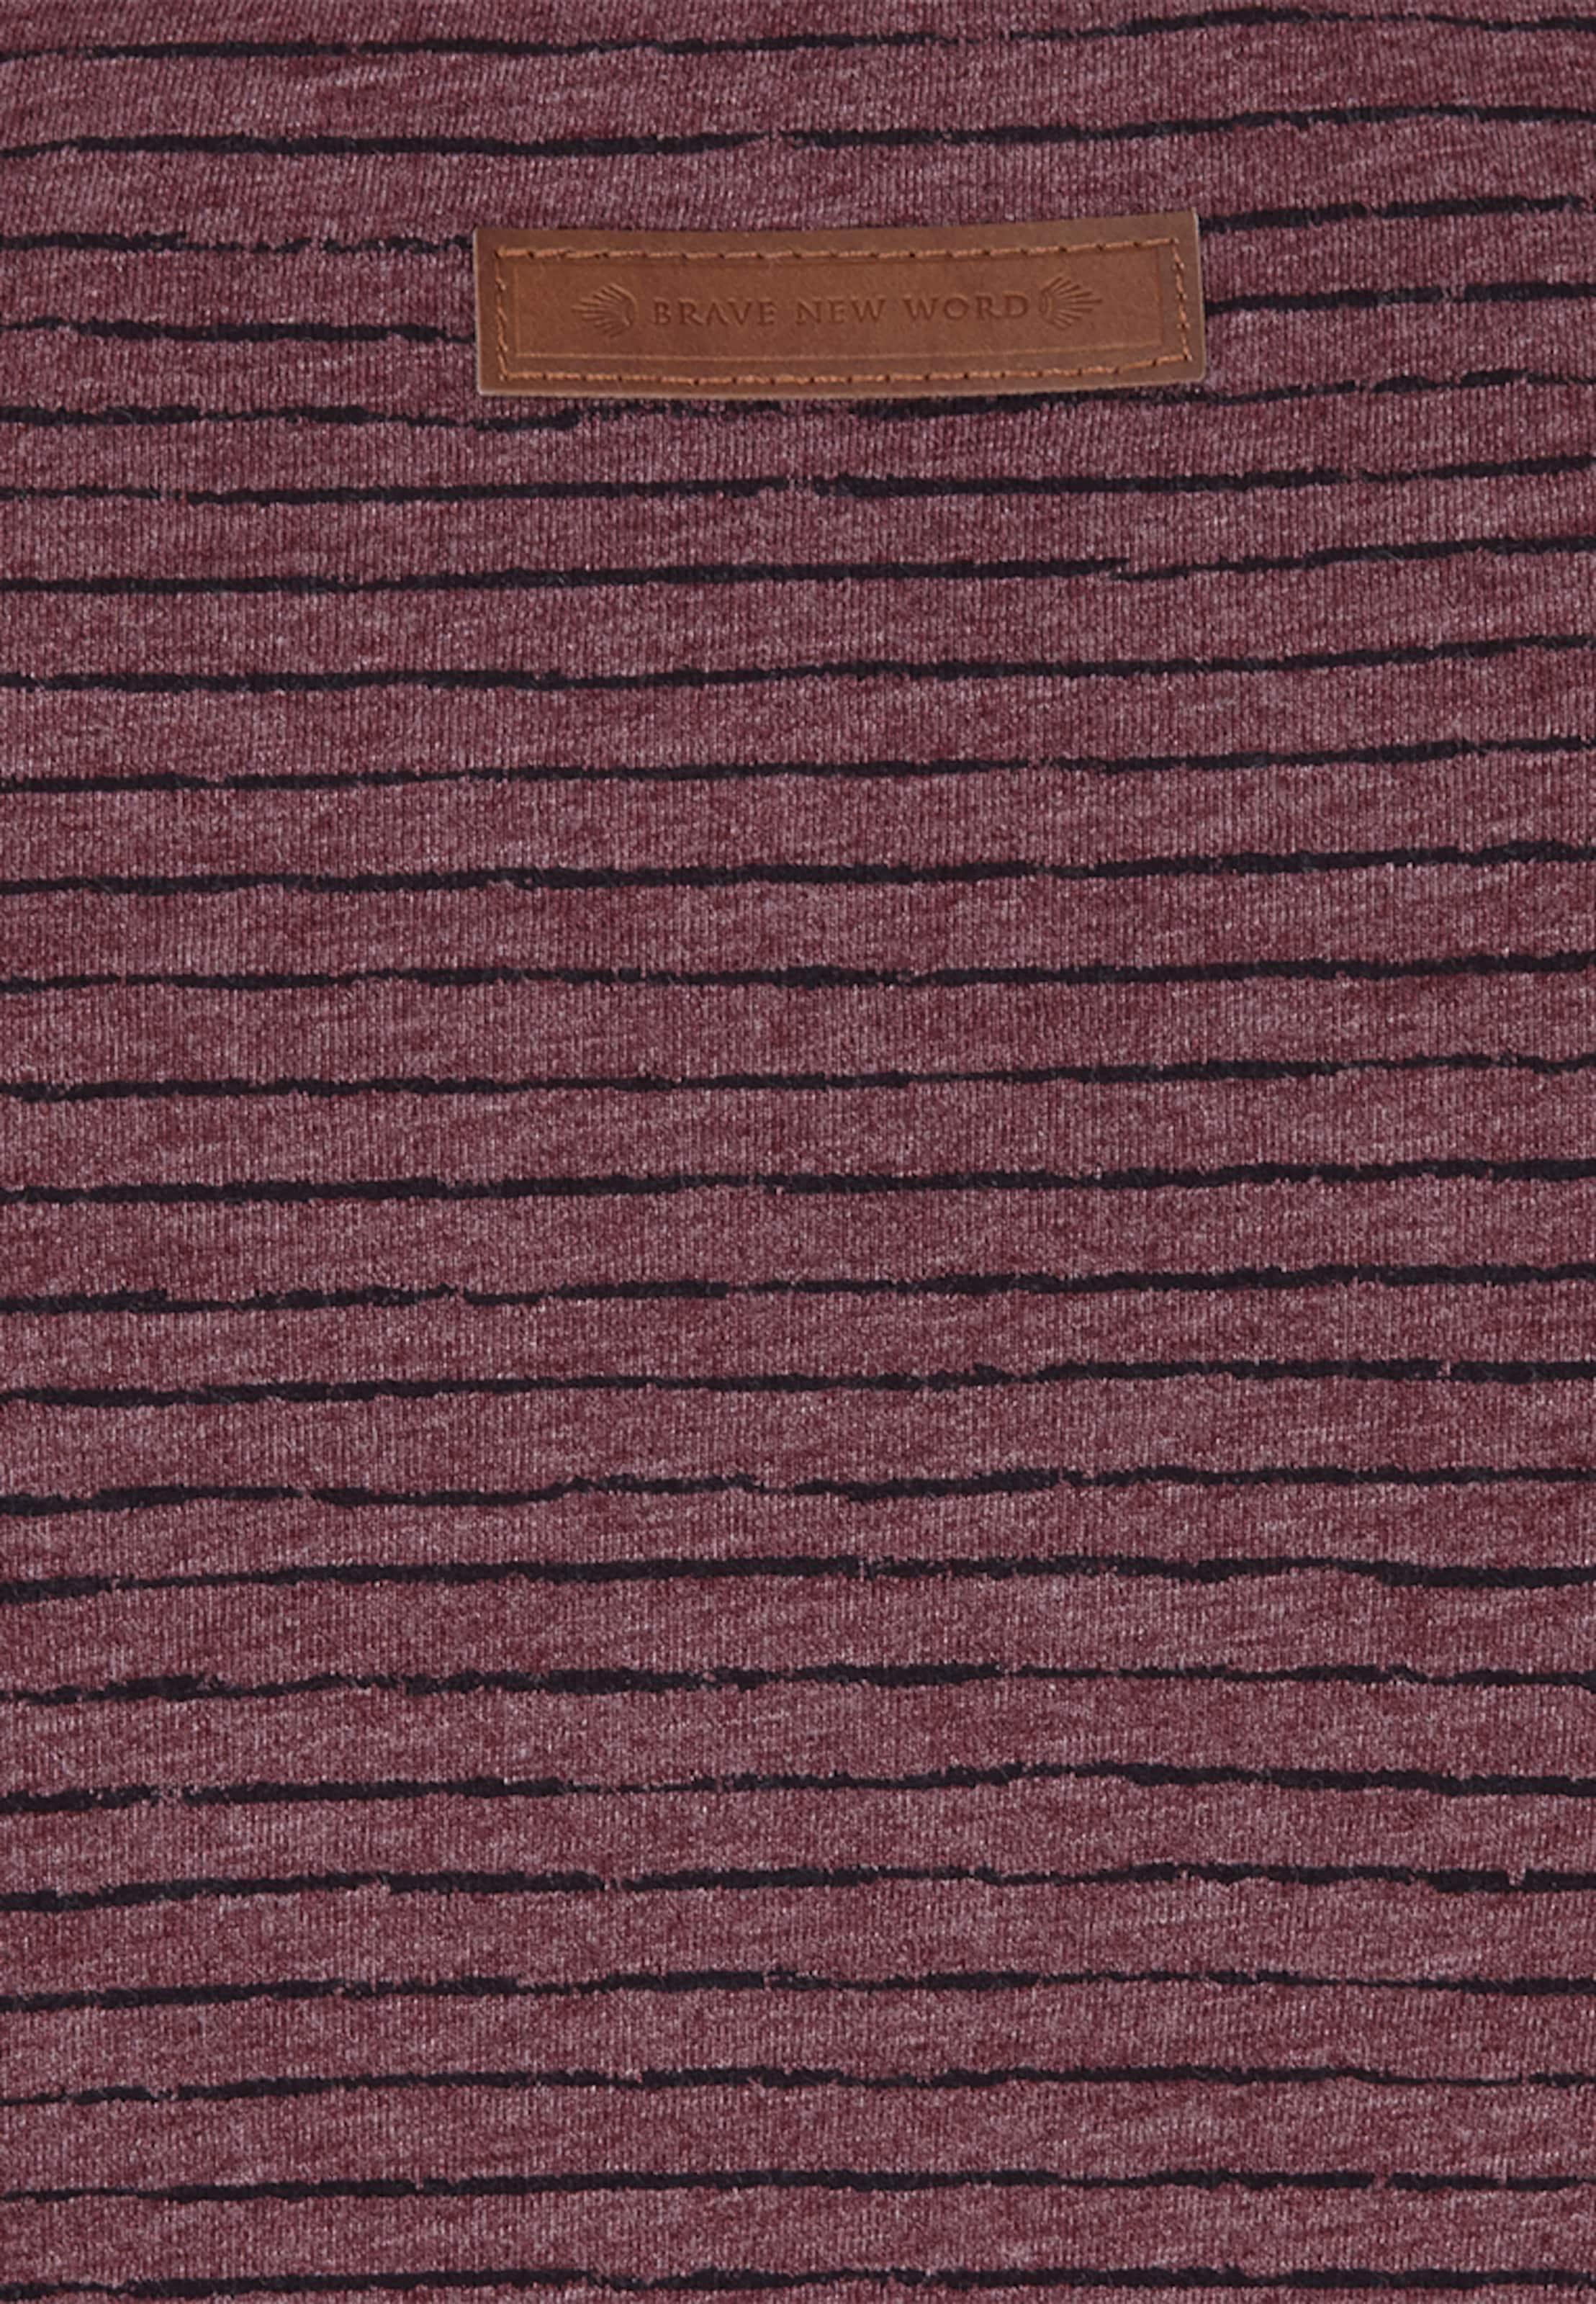 Wiki Günstiger Preis Rabatt Günstiger Preis naketano Male Sweatshirt Hosenpuper Langen Spielraum 2018 Günstig Kaufen Mit Paypal Spielraum Besuch LZLxf